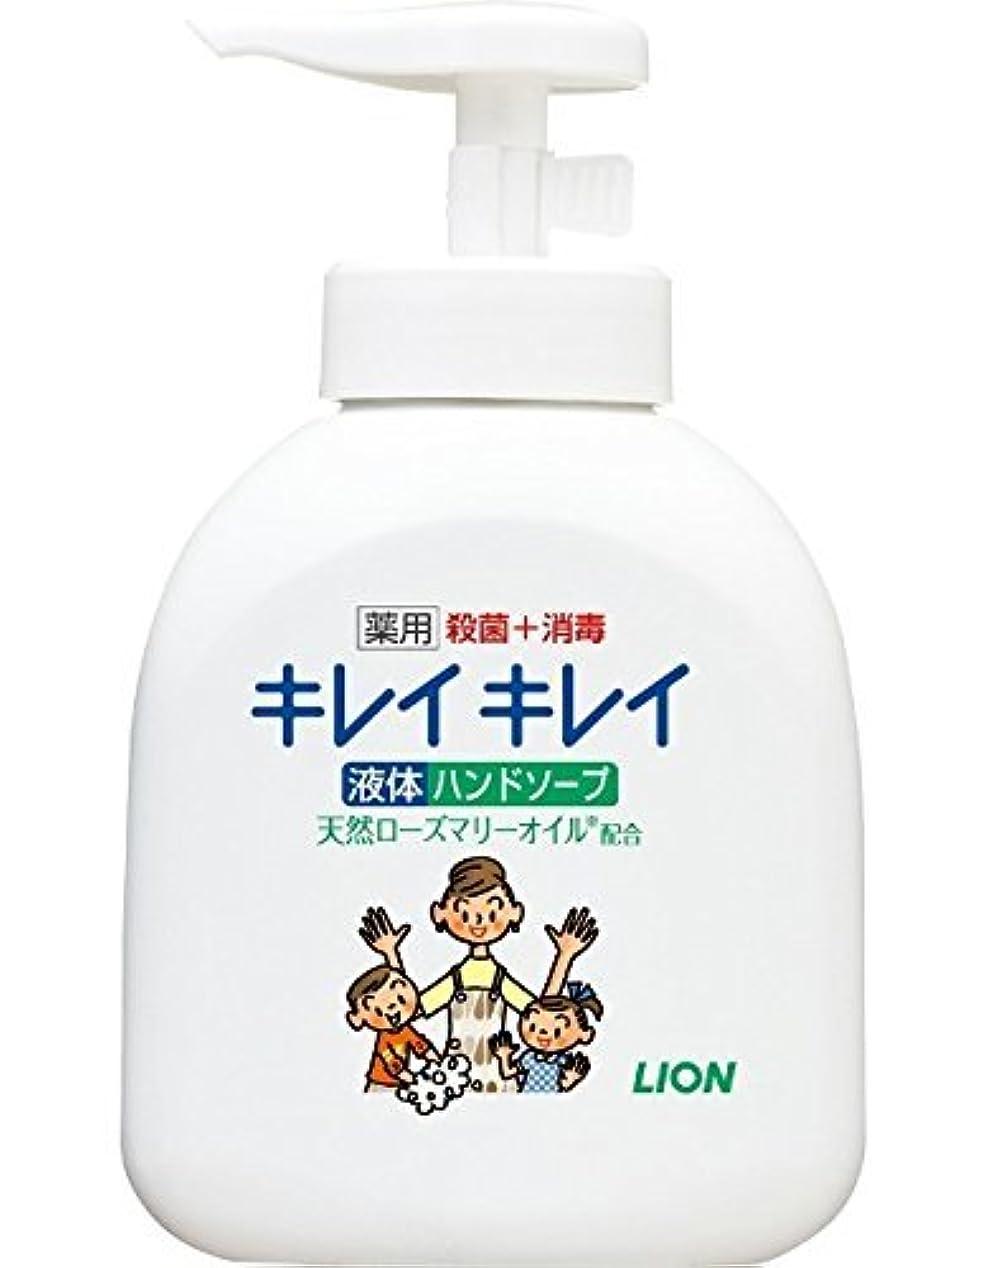 単語微視的揃える【ライオン】キレイキレイ薬用液体ハンドソープ 本体ポンプ 250ml ×20個セット